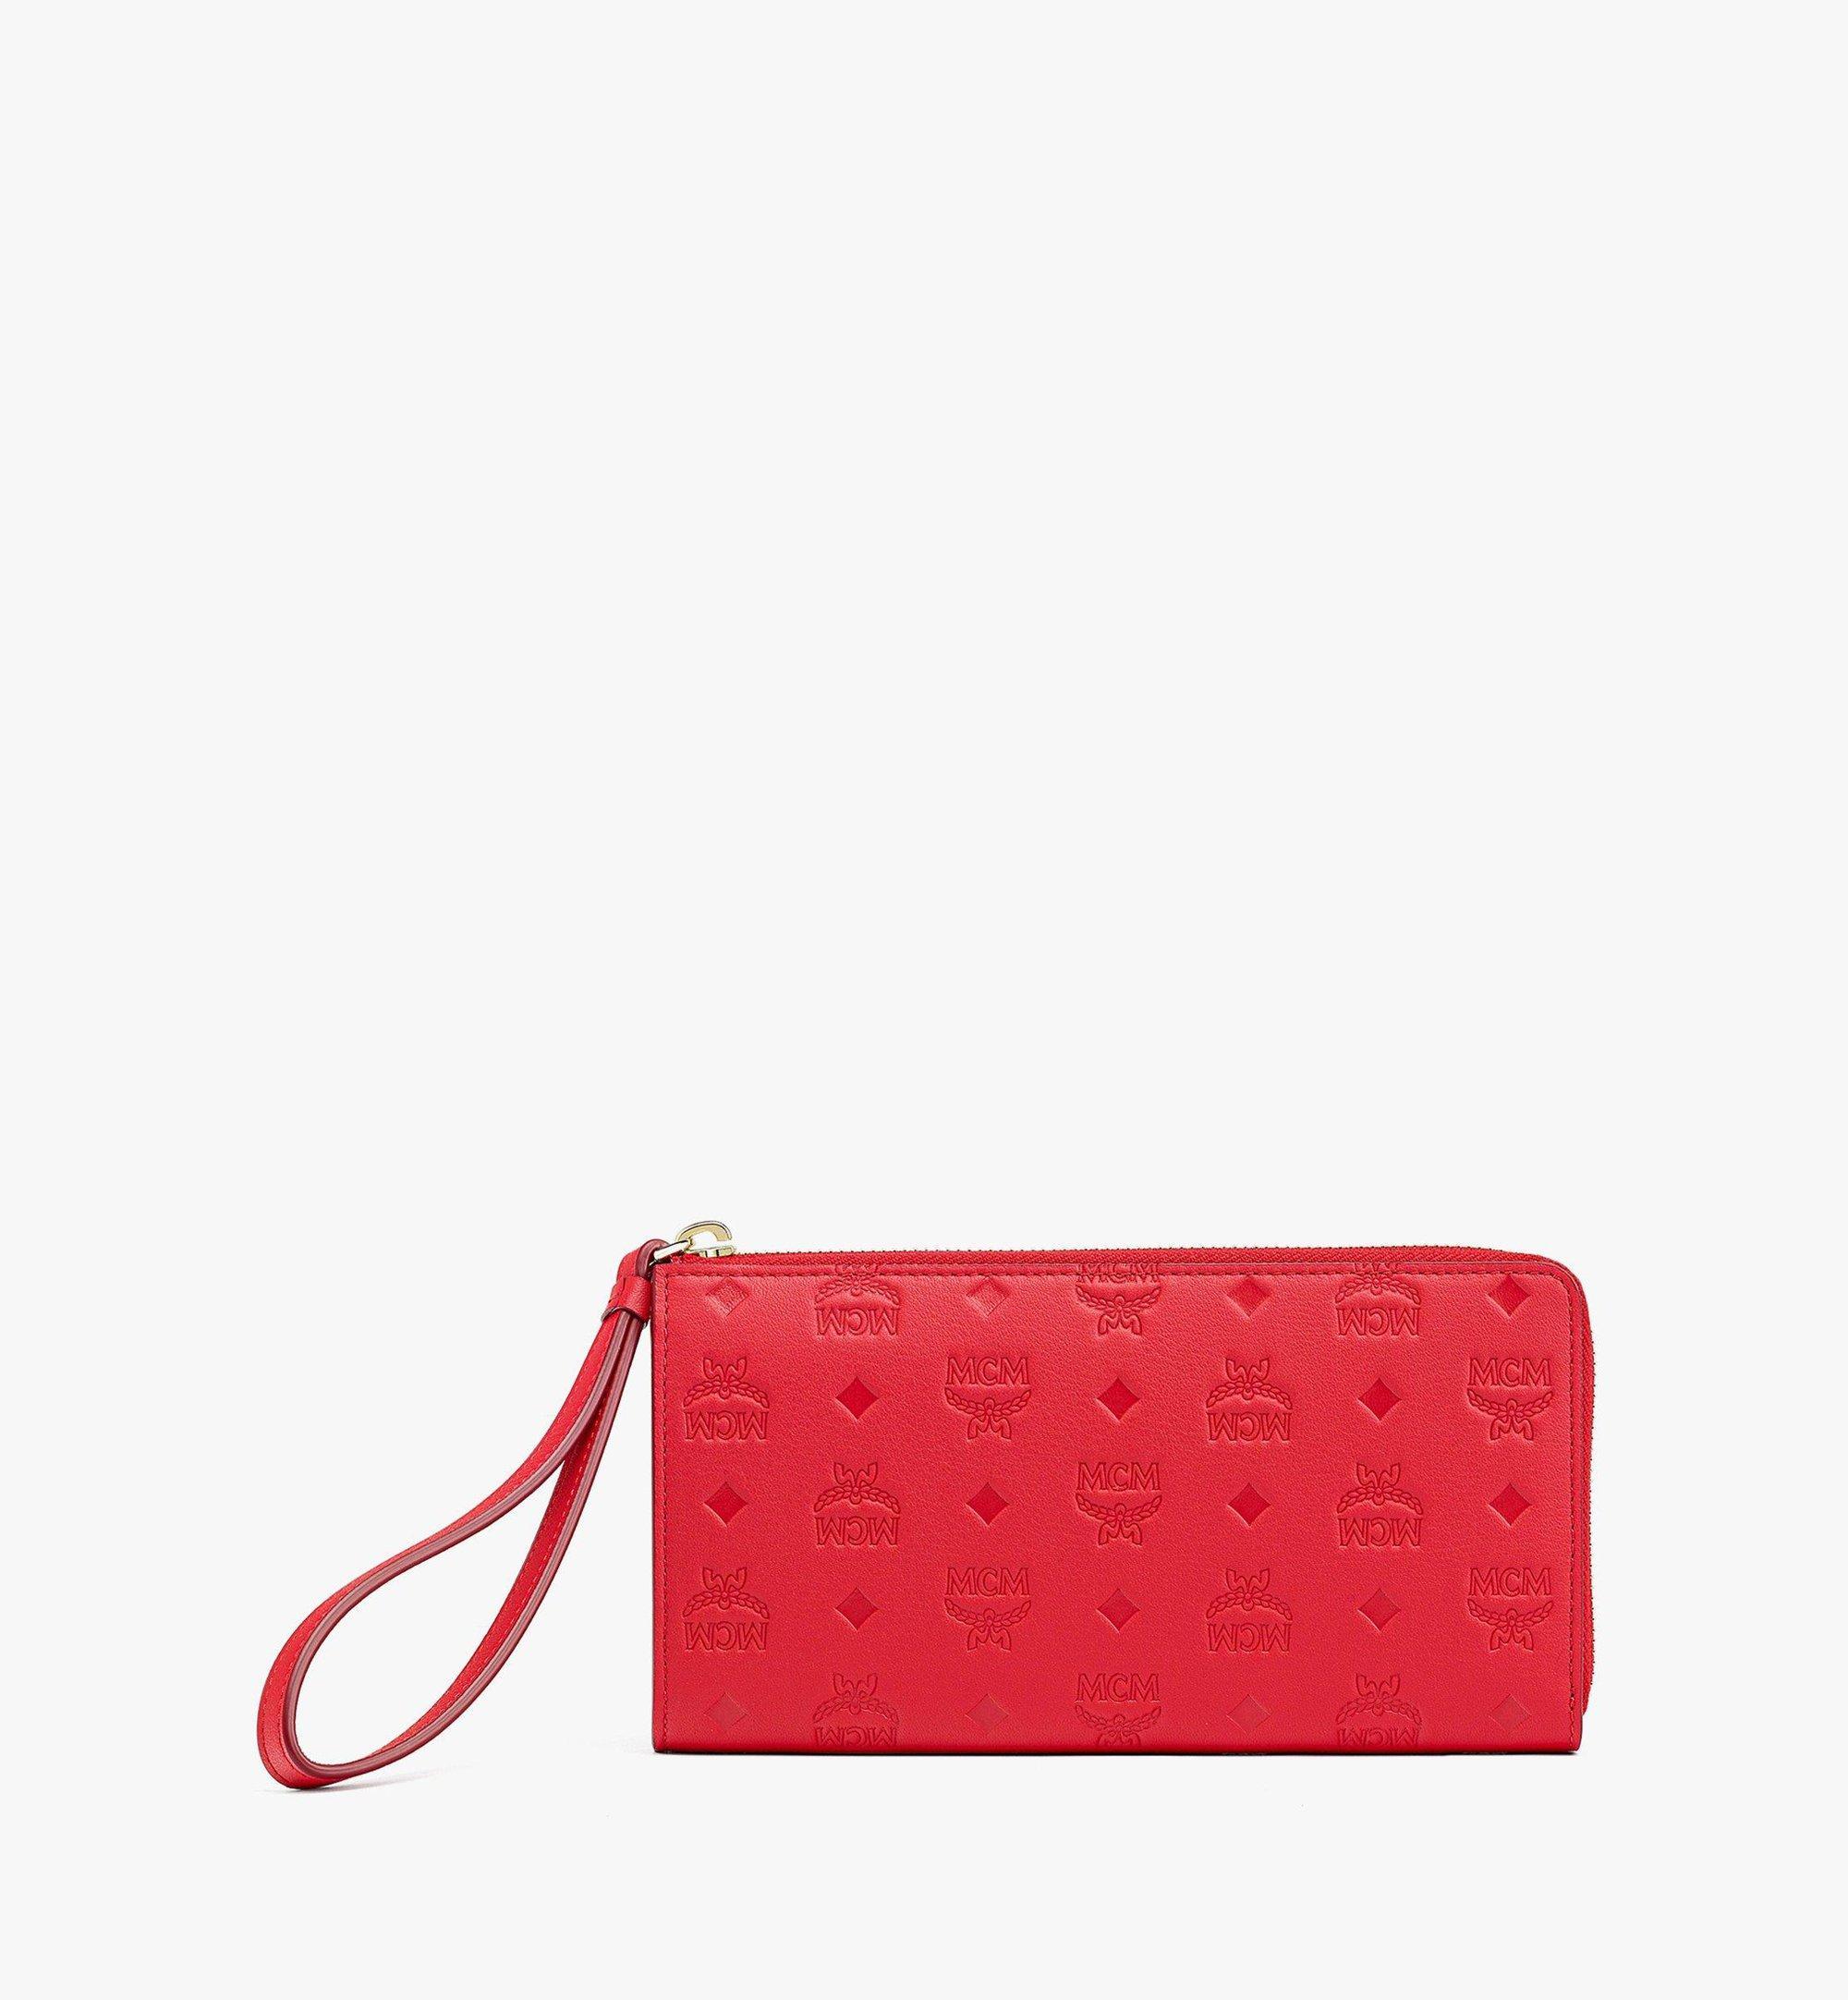 MCM Klara Zip Around Wallet in Monogram Leather Red MYLBSKM02R0001 Alternate View 1